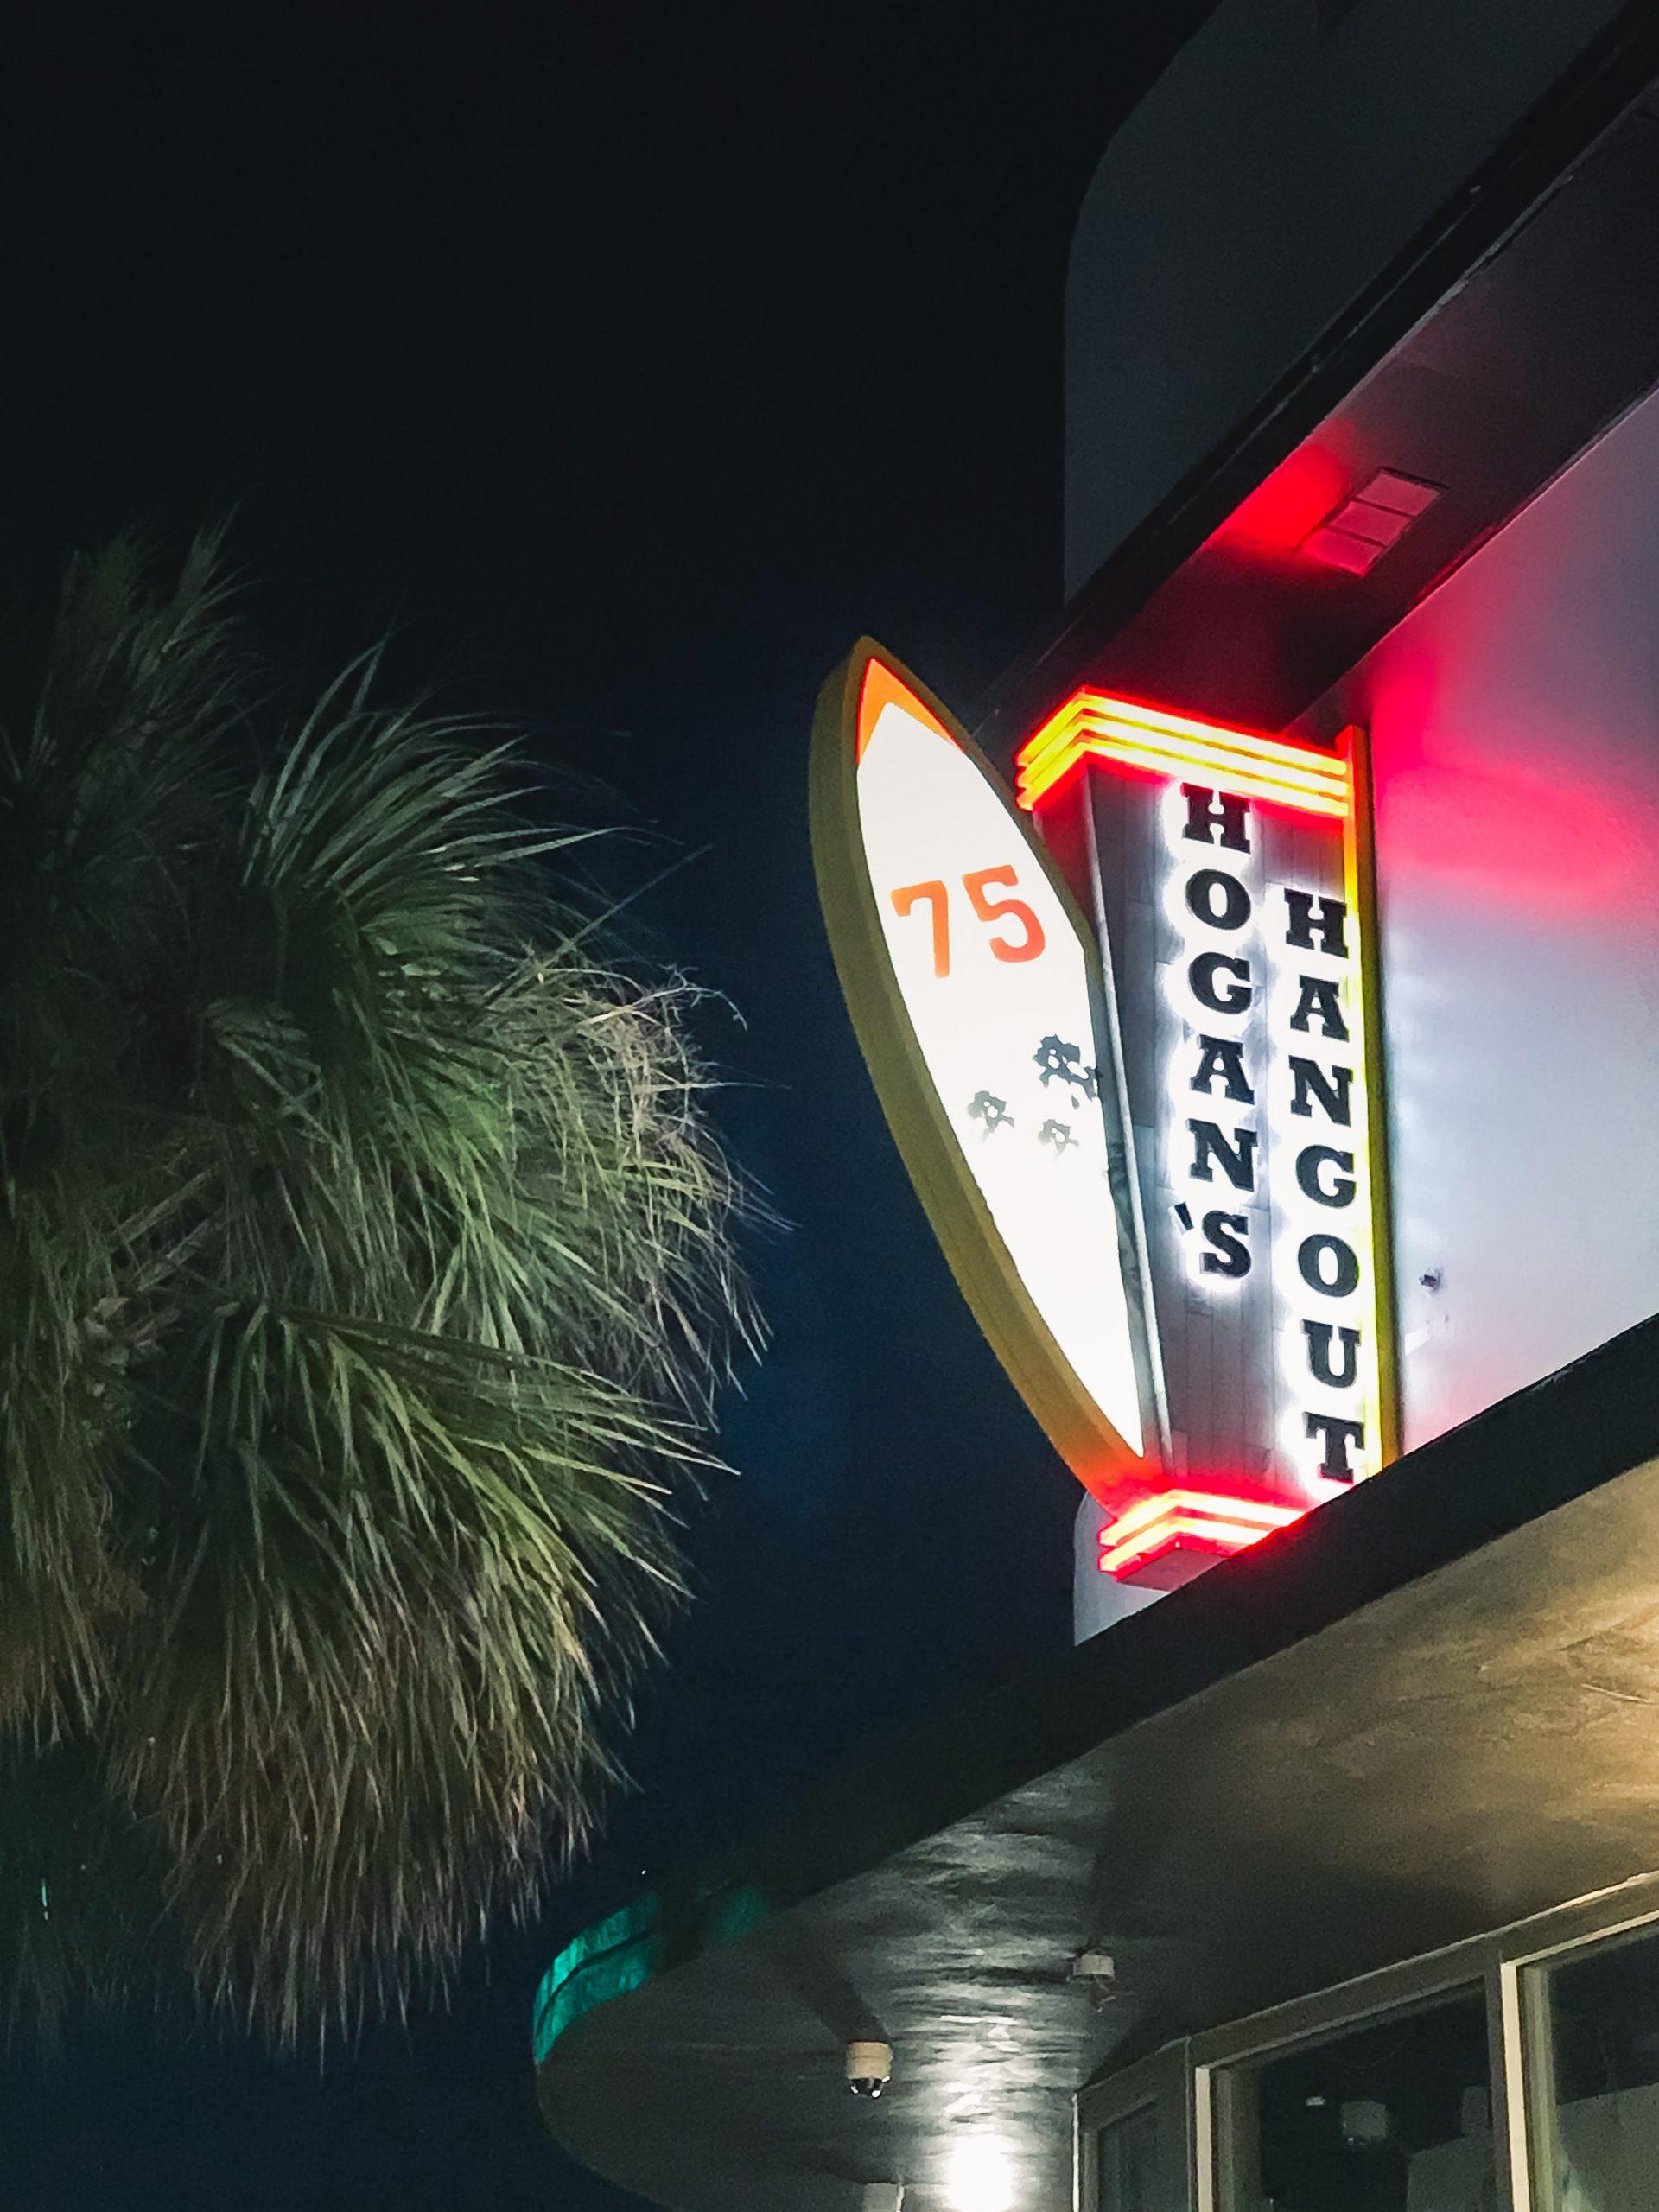 Is Clearwater Beach Walkable? - Hogan's Hangout